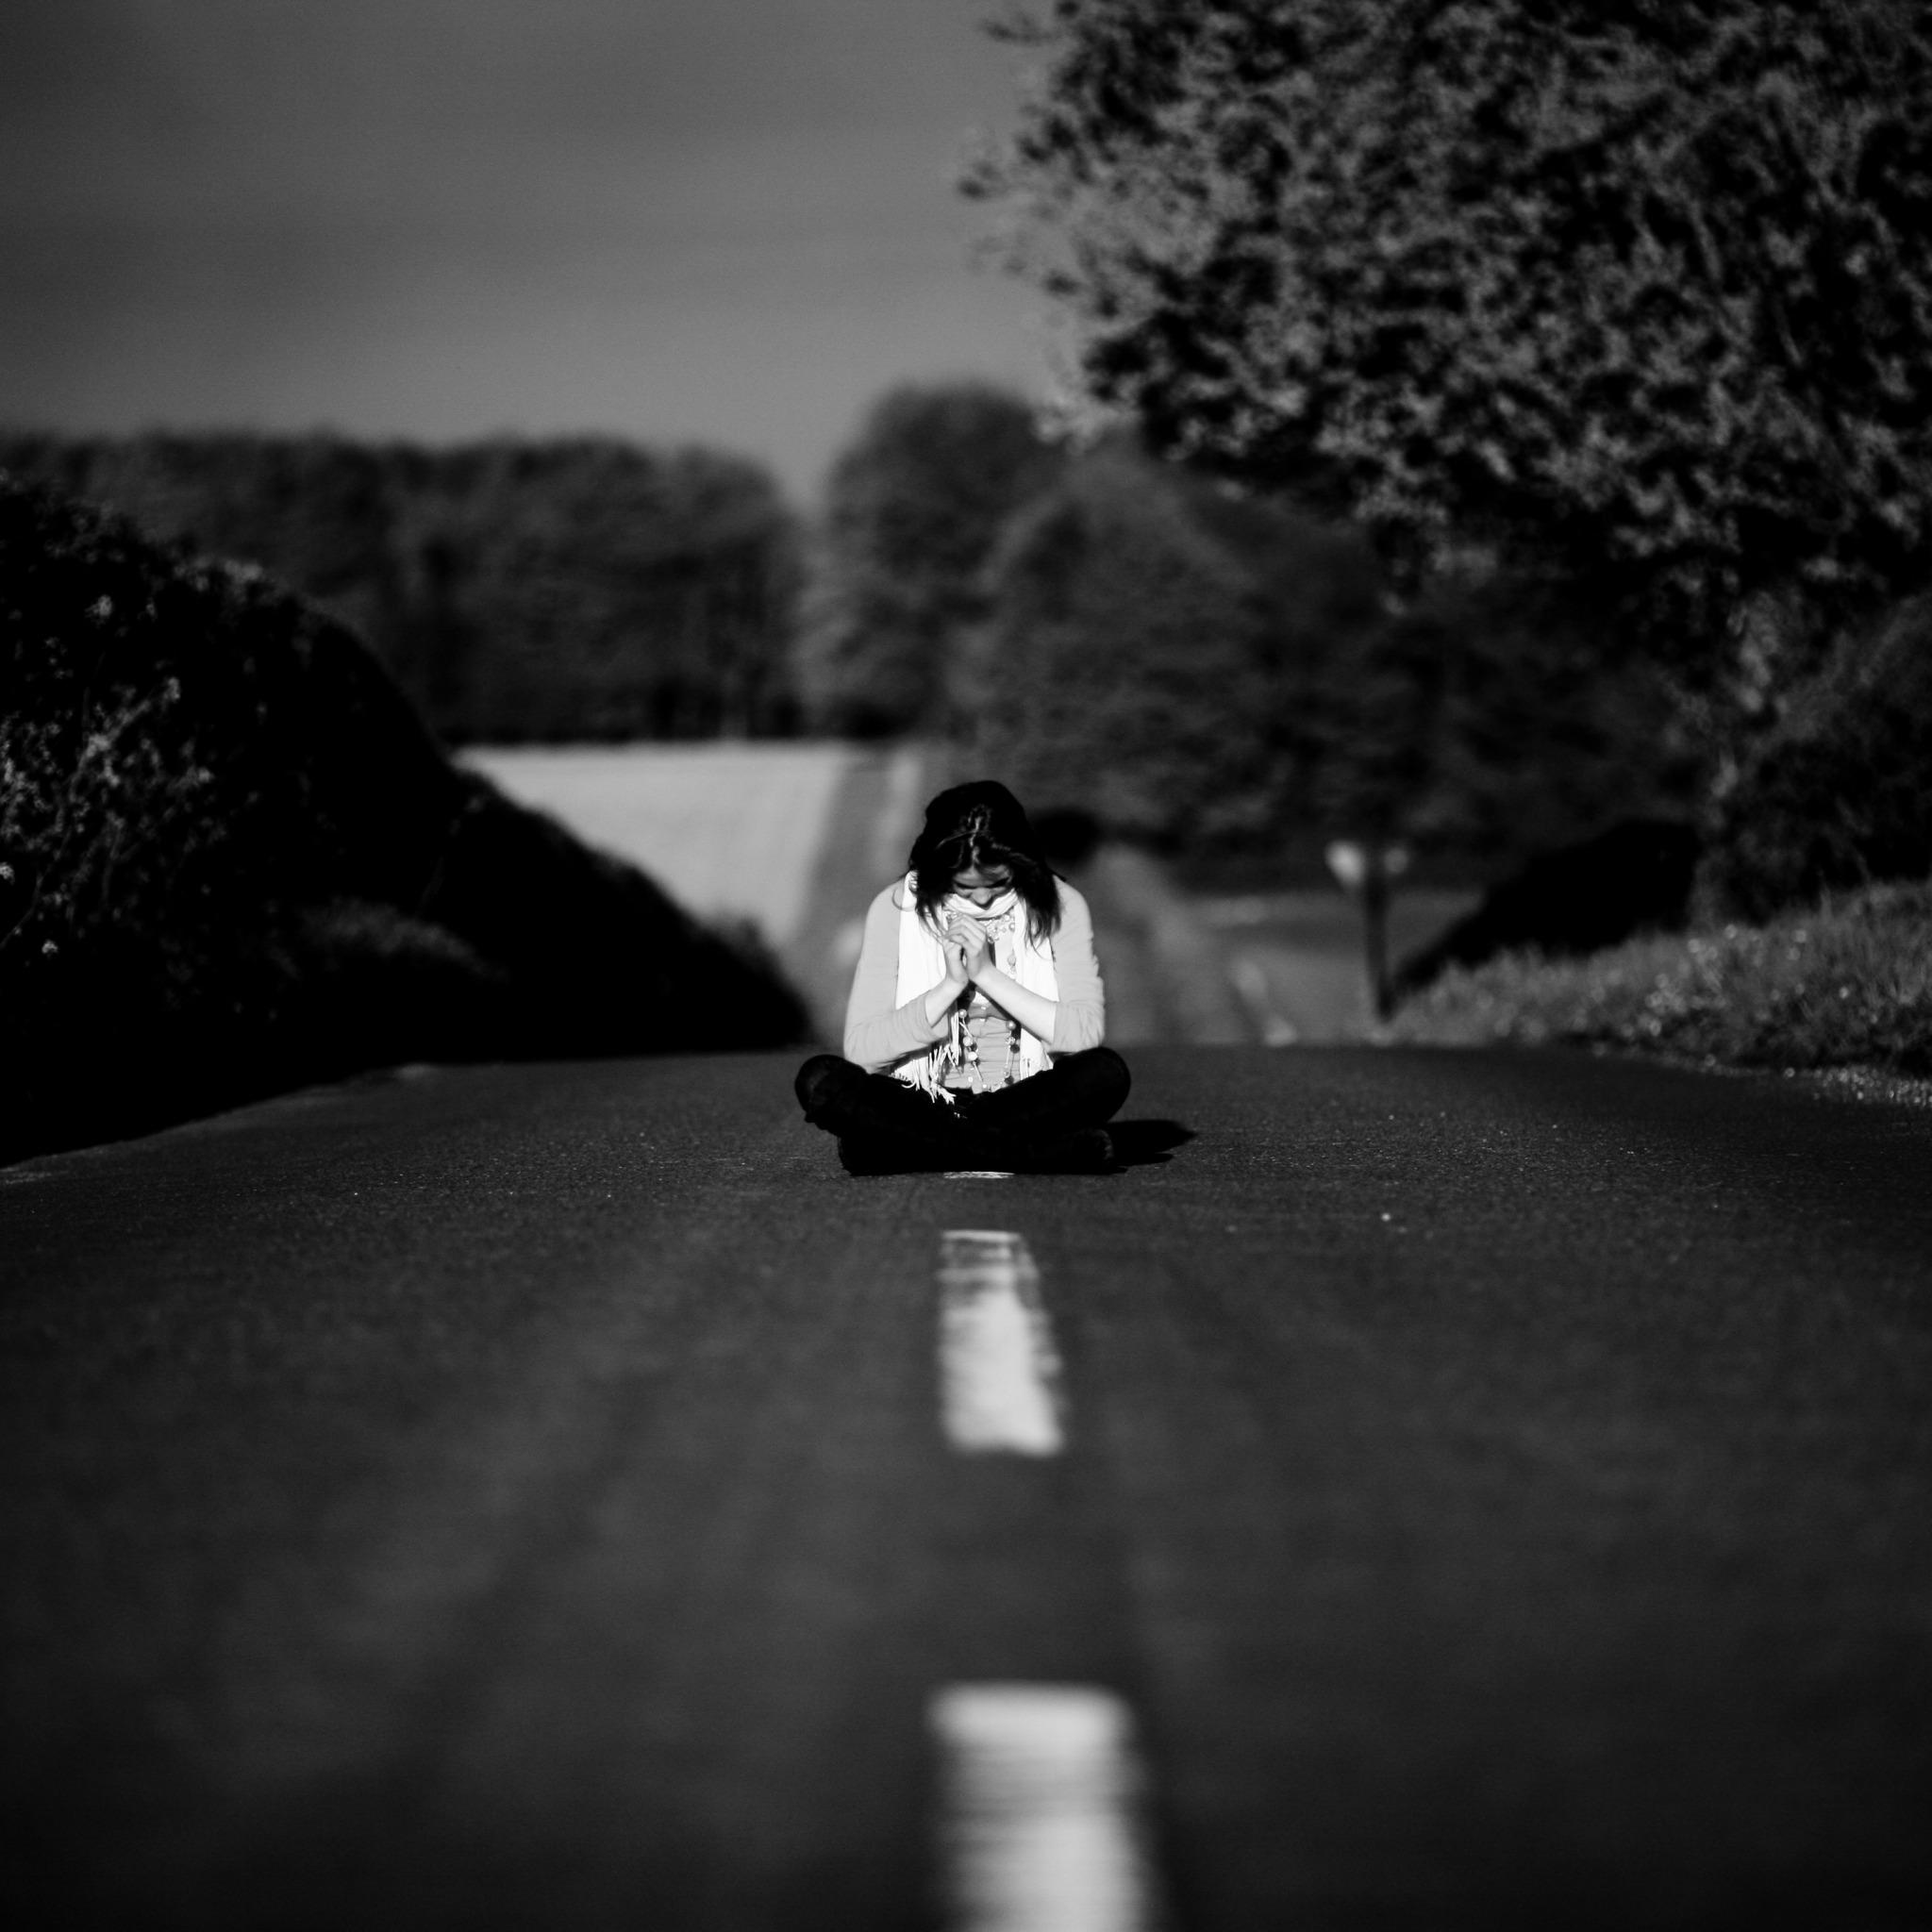 Открытки день, картинки с надписями про грусть и одиночество